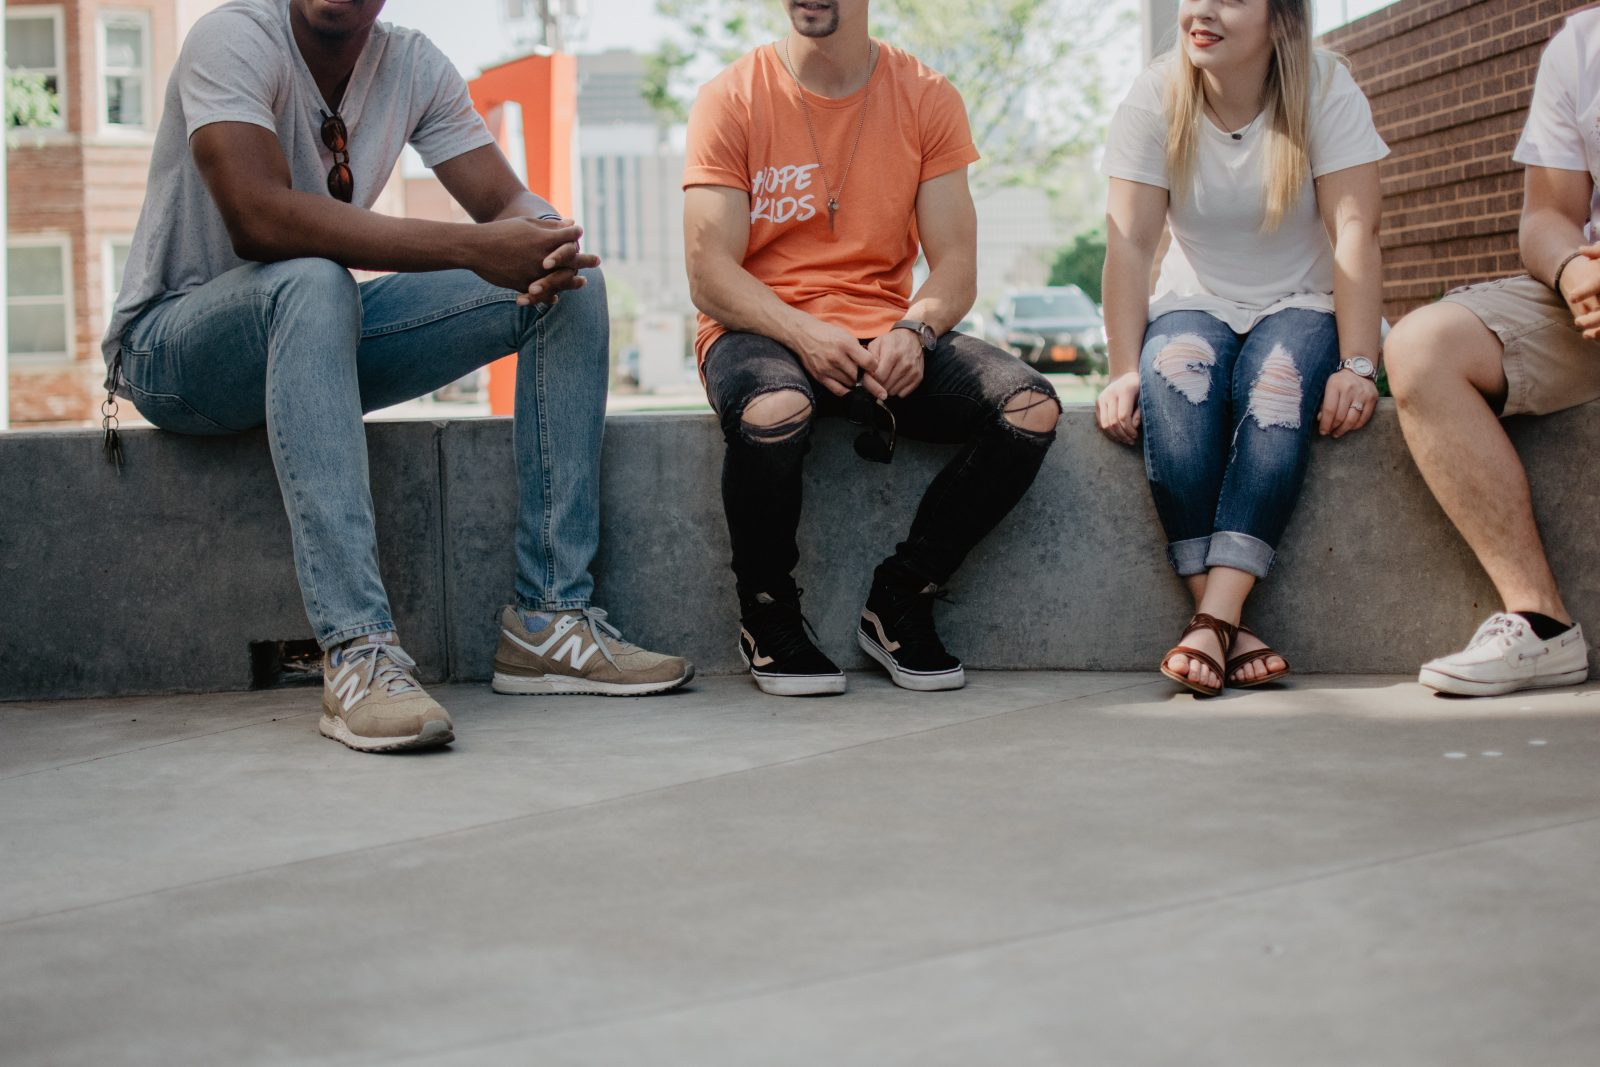 Ihmisiä istuu ulkona vierekkäin, kuvassa näkyy vain alavartalo.